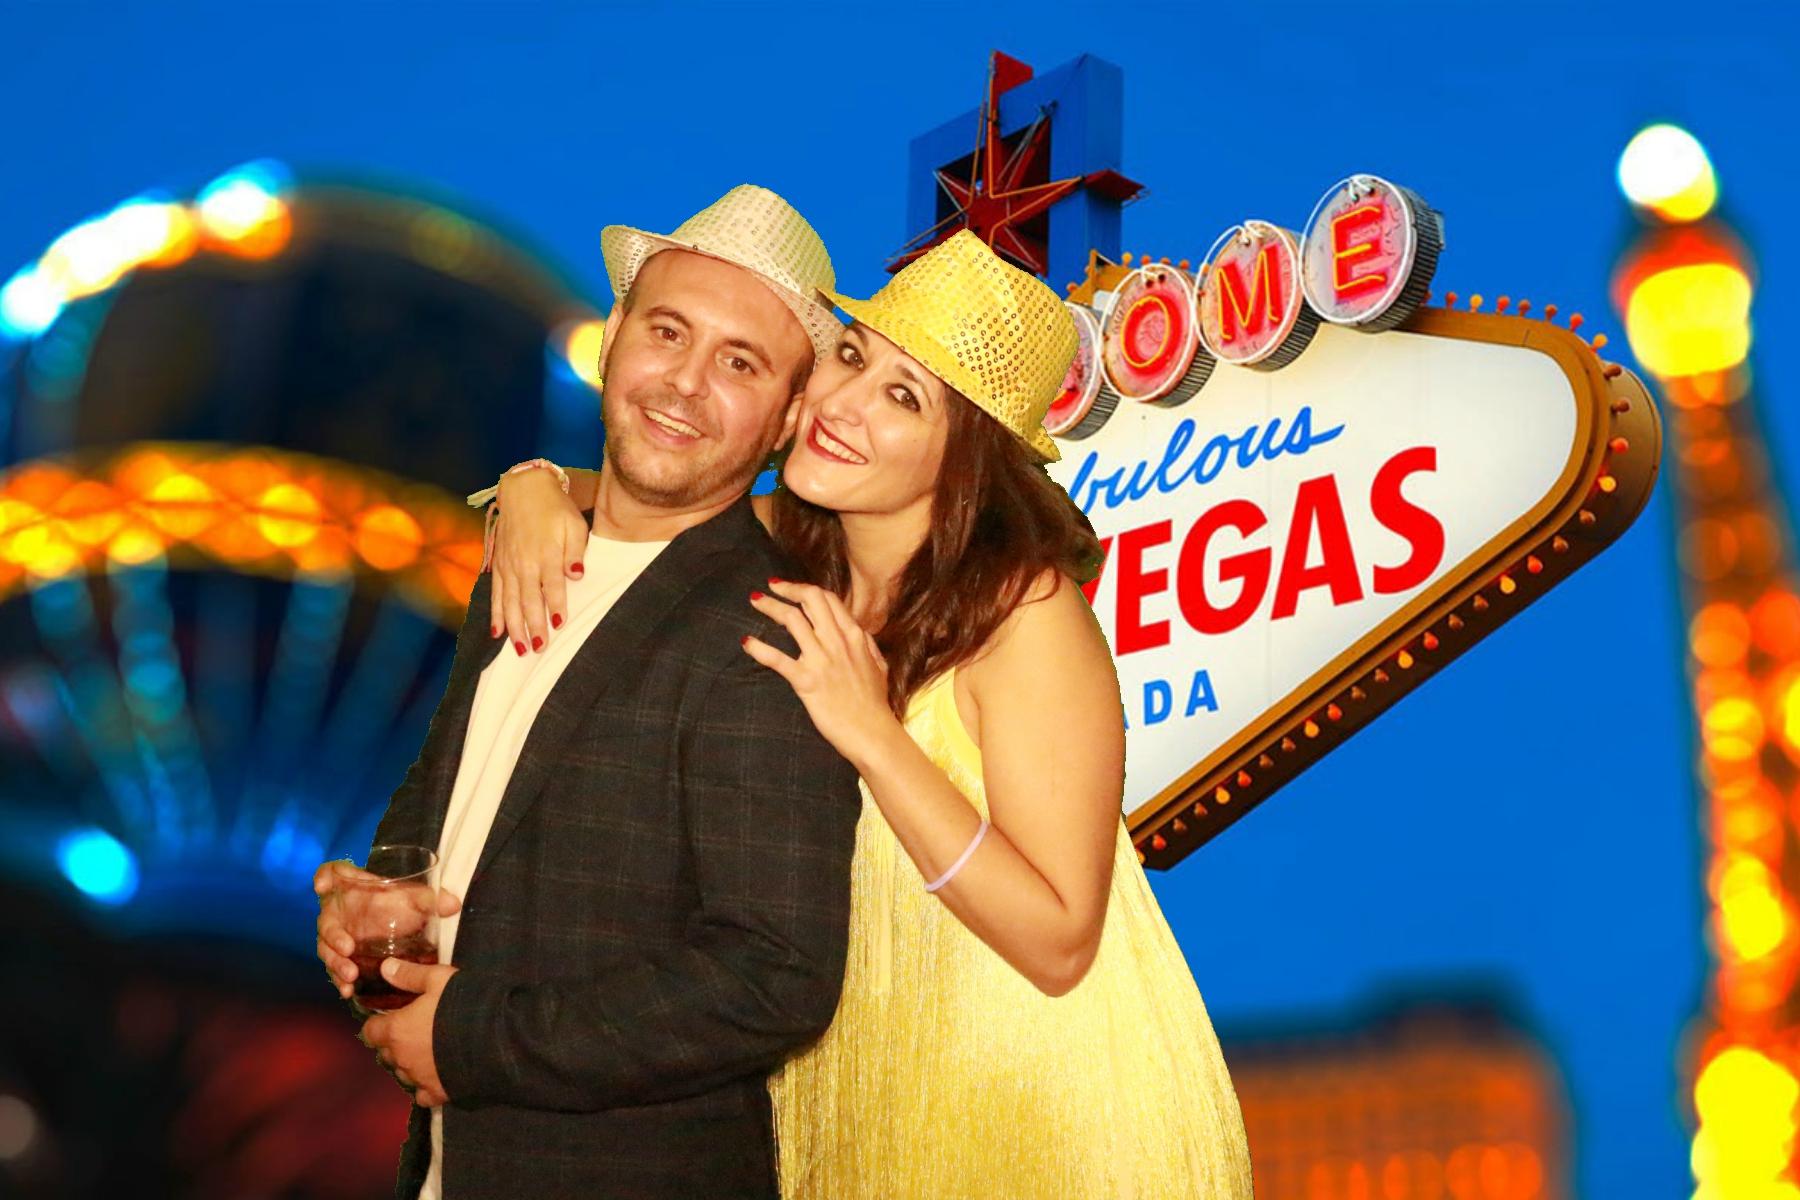 Fondo las Vegas (Croma)